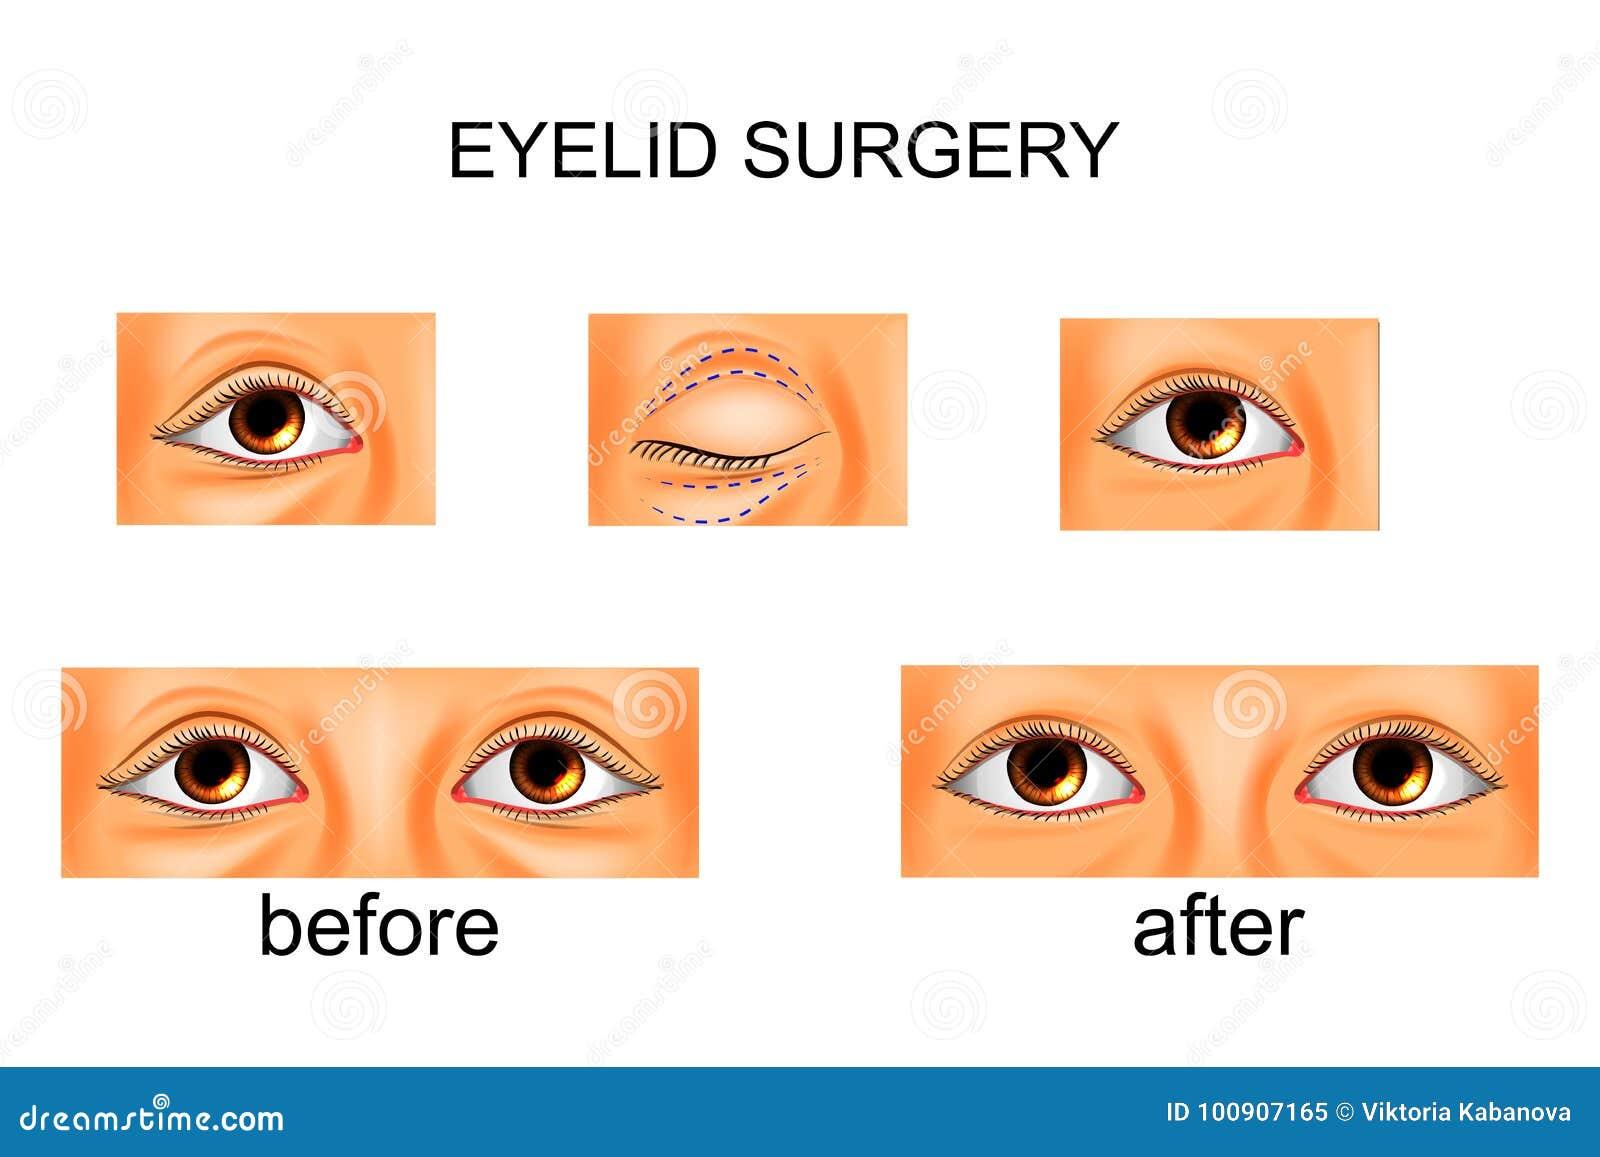 眼皮手术,整容手术